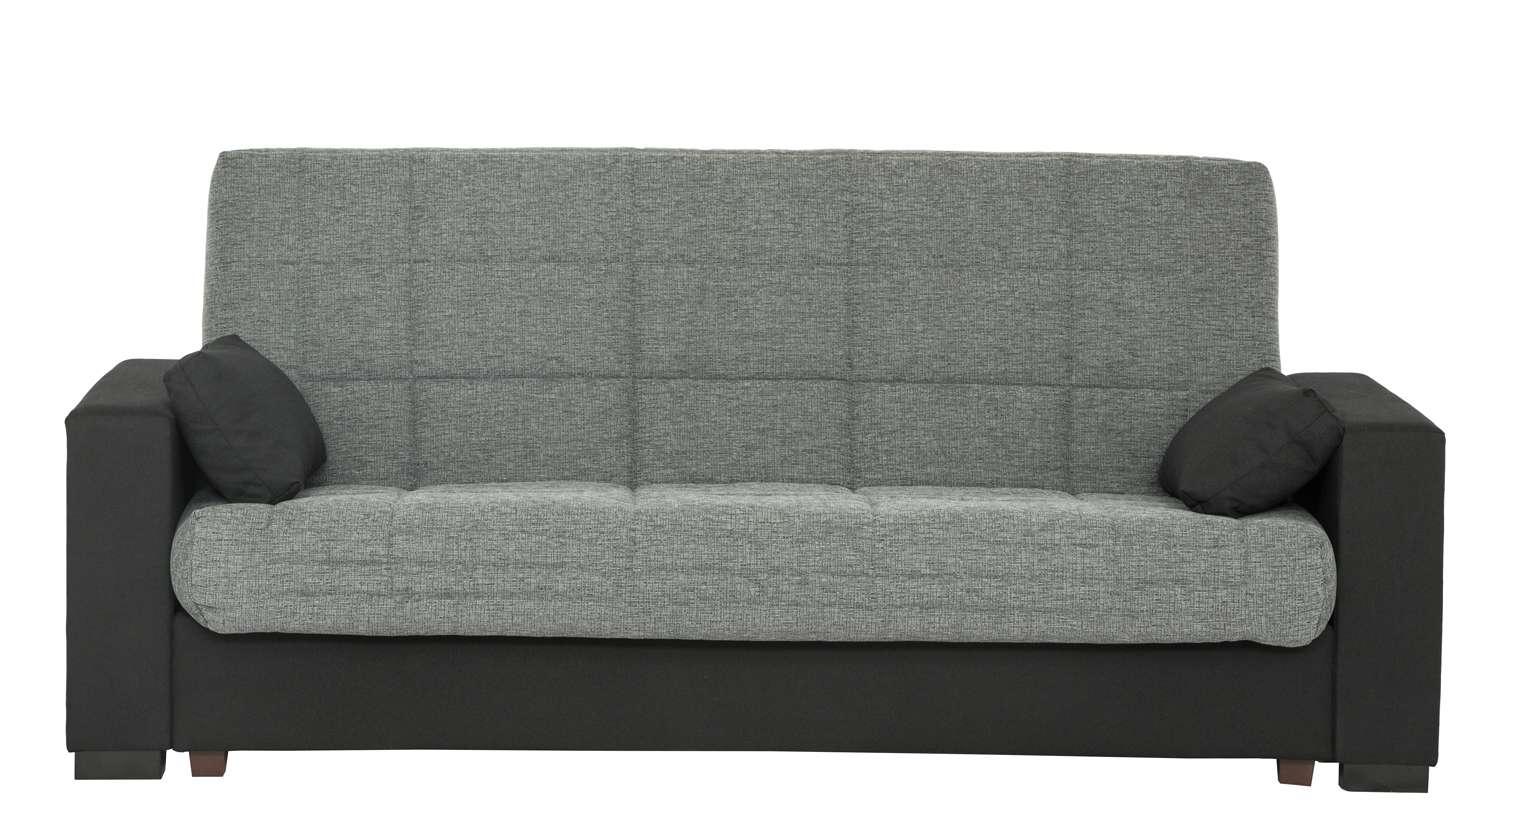 Comprar sof cama daviu sof cama de 135 x 190 arc n for Sofa cama 190 ancho